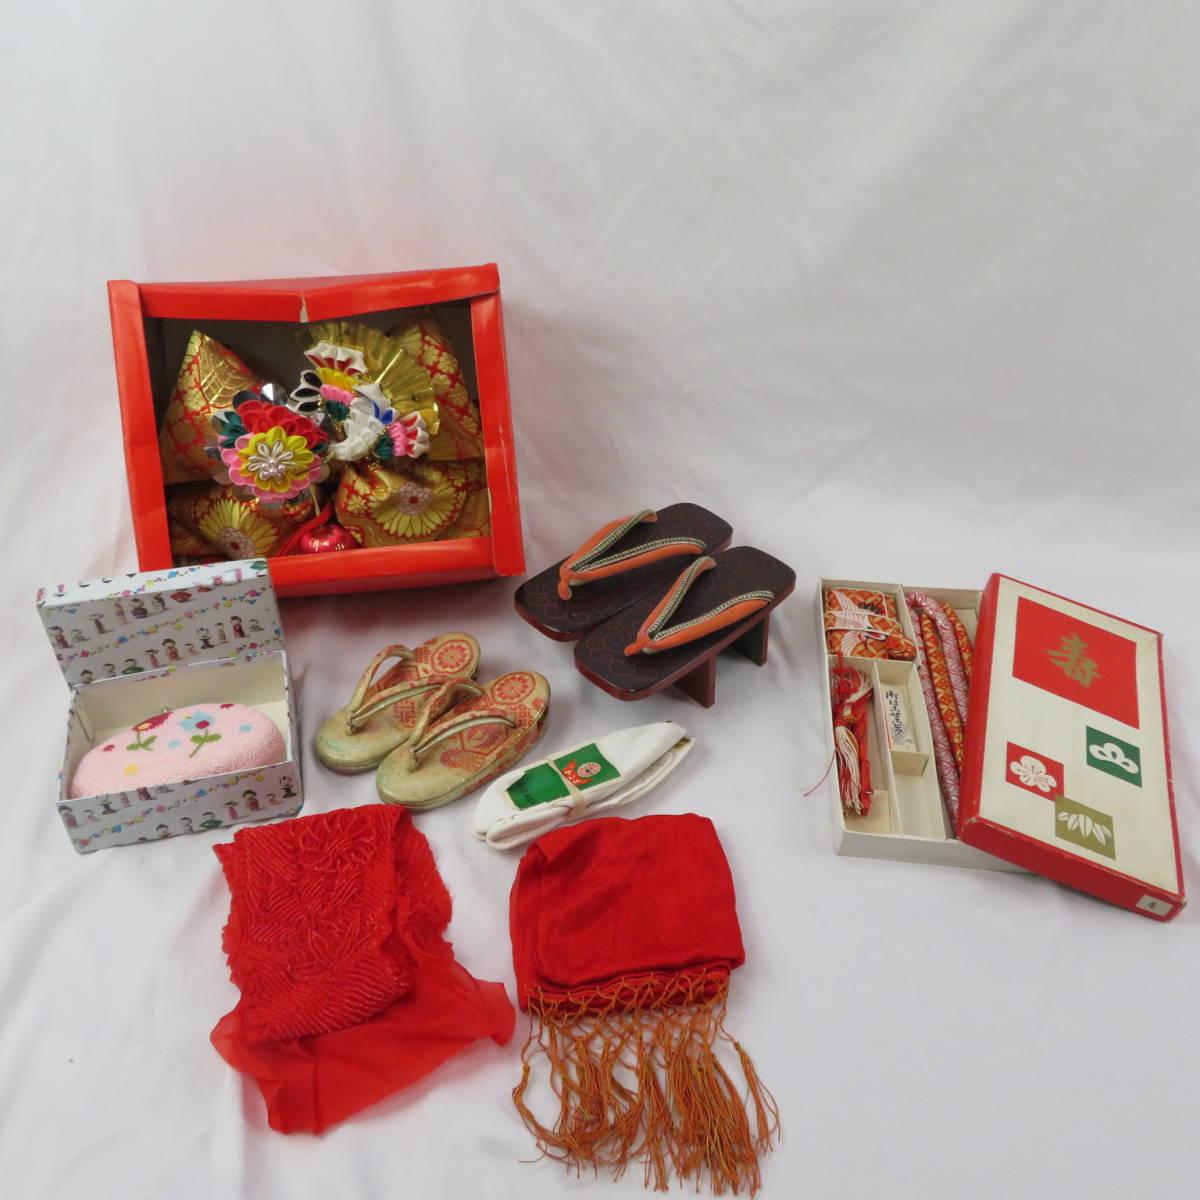 (40-1028)【和装まとめ】子供用 簡易帯 七五三 二部式 下駄 草履 かばん 小物 帯締め 帯揚げ 足袋 等